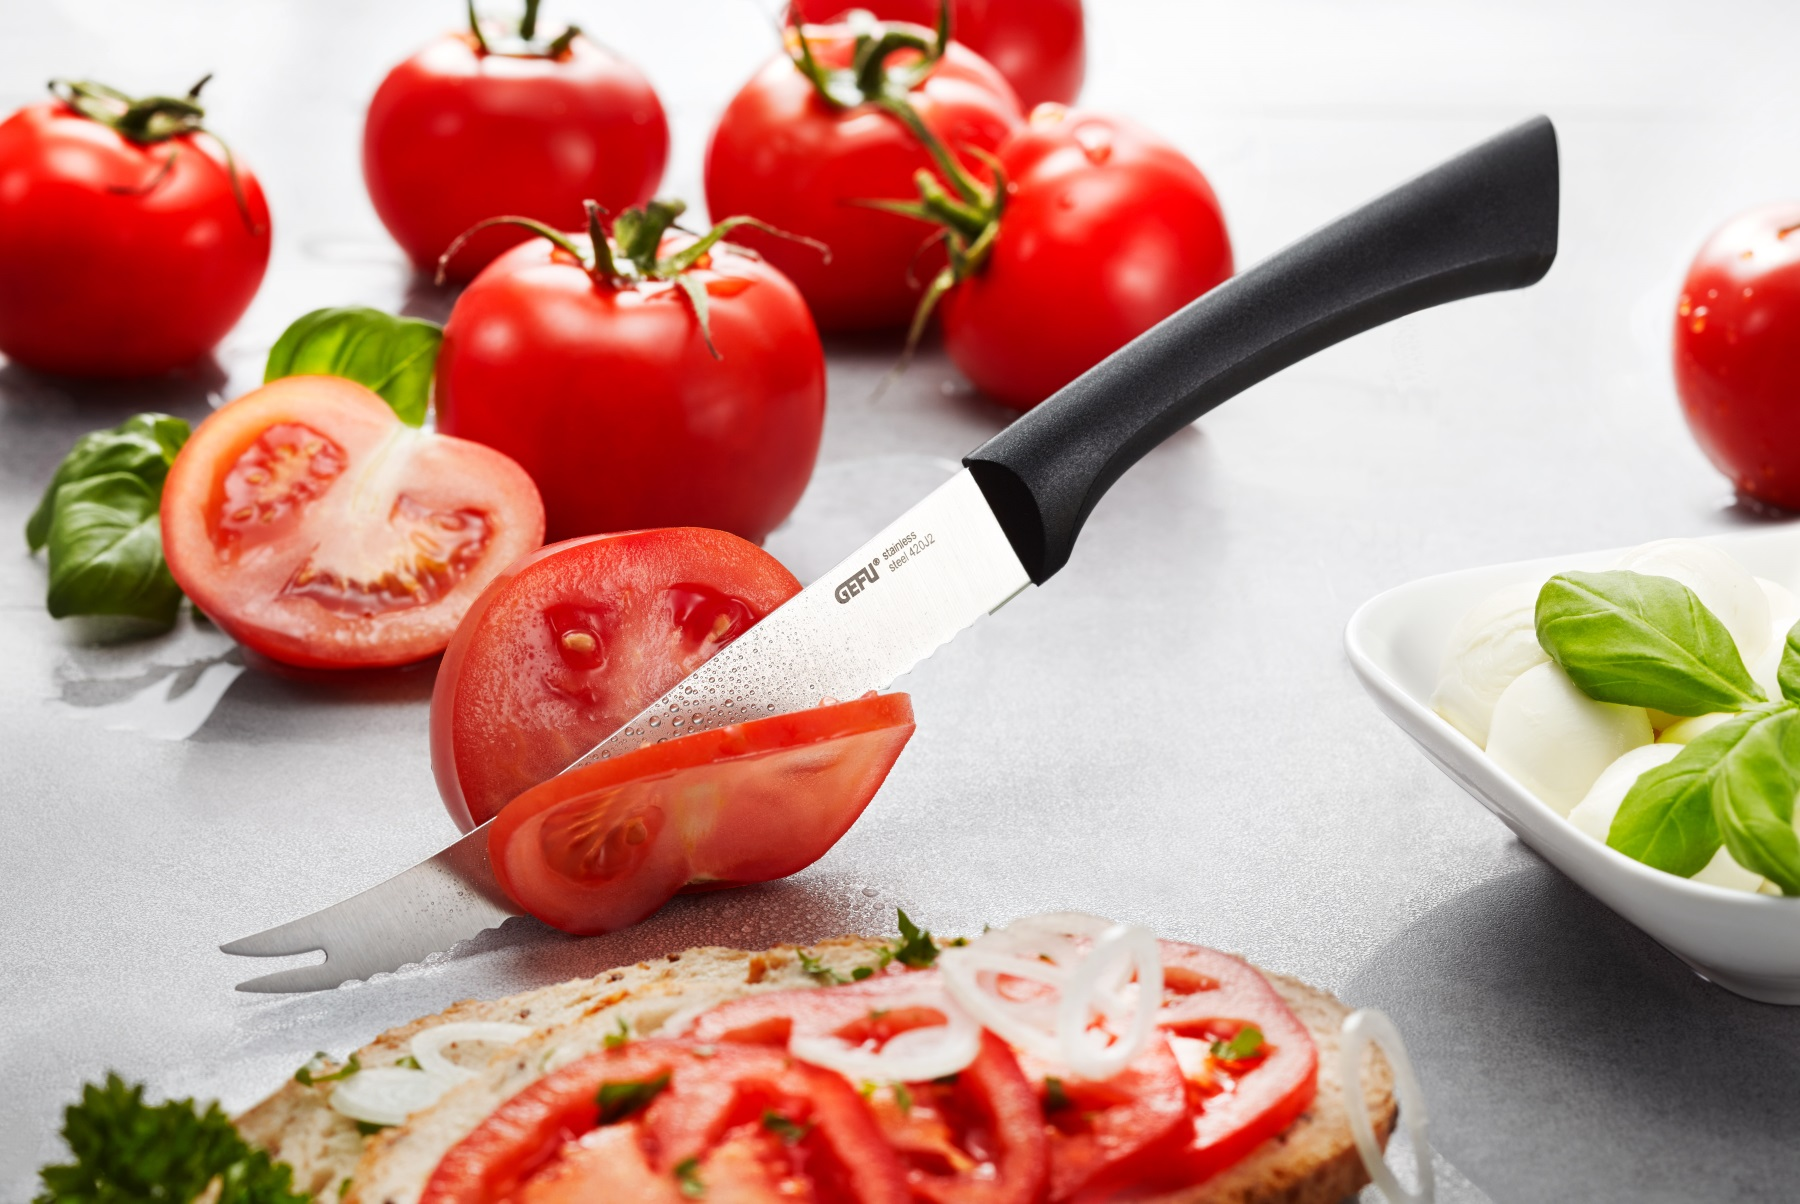 нож для резки